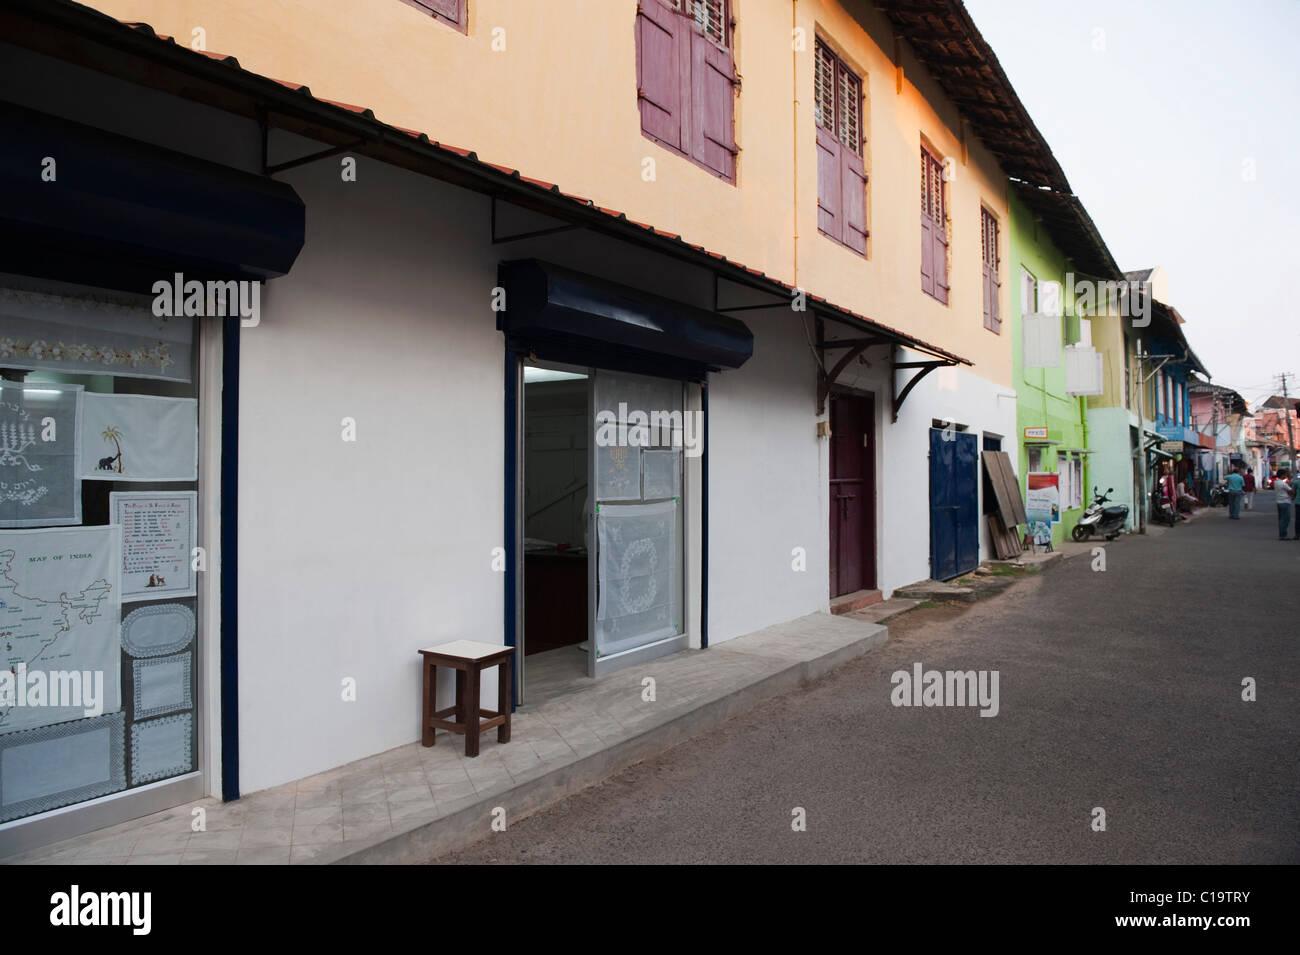 Ingresso di un negozio, ebreo Town, Mattancherry, Kochi, Kerala, India Immagini Stock